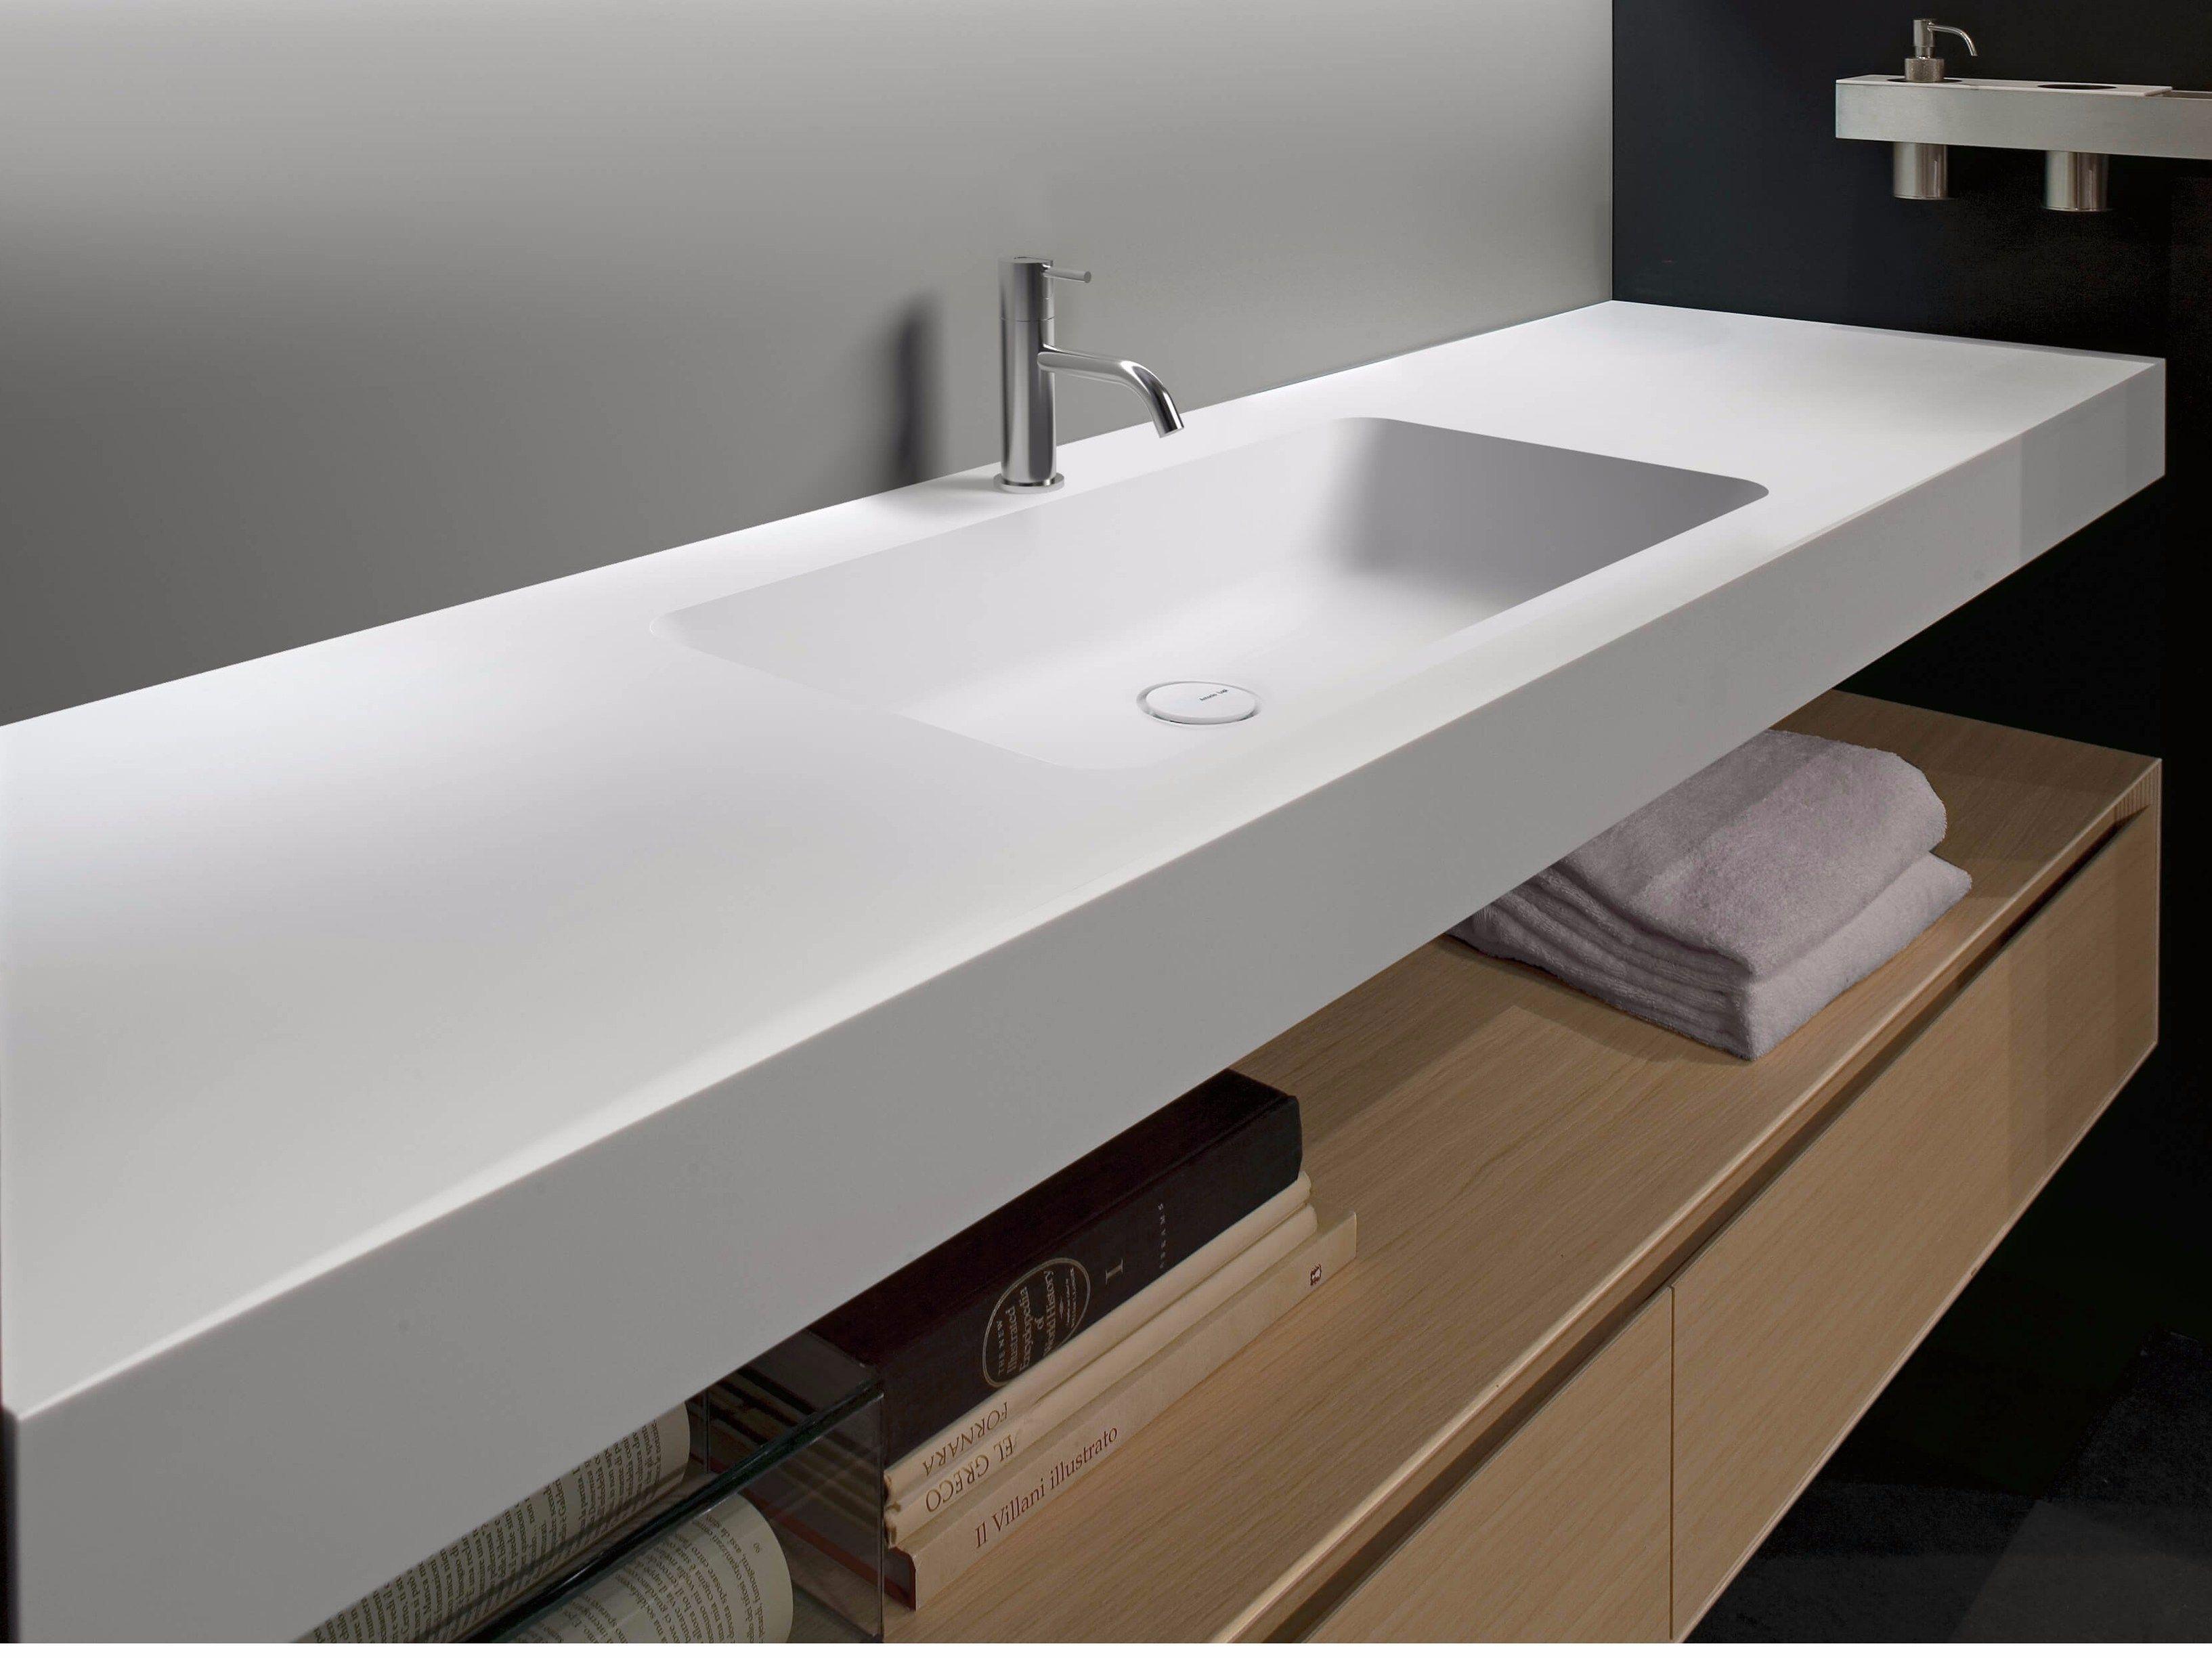 Waschtisch Aus Corian Arco By Antonio Lupi Design Design Nevio Tellatin Waschtisch Waschbecken Design Waschbecken